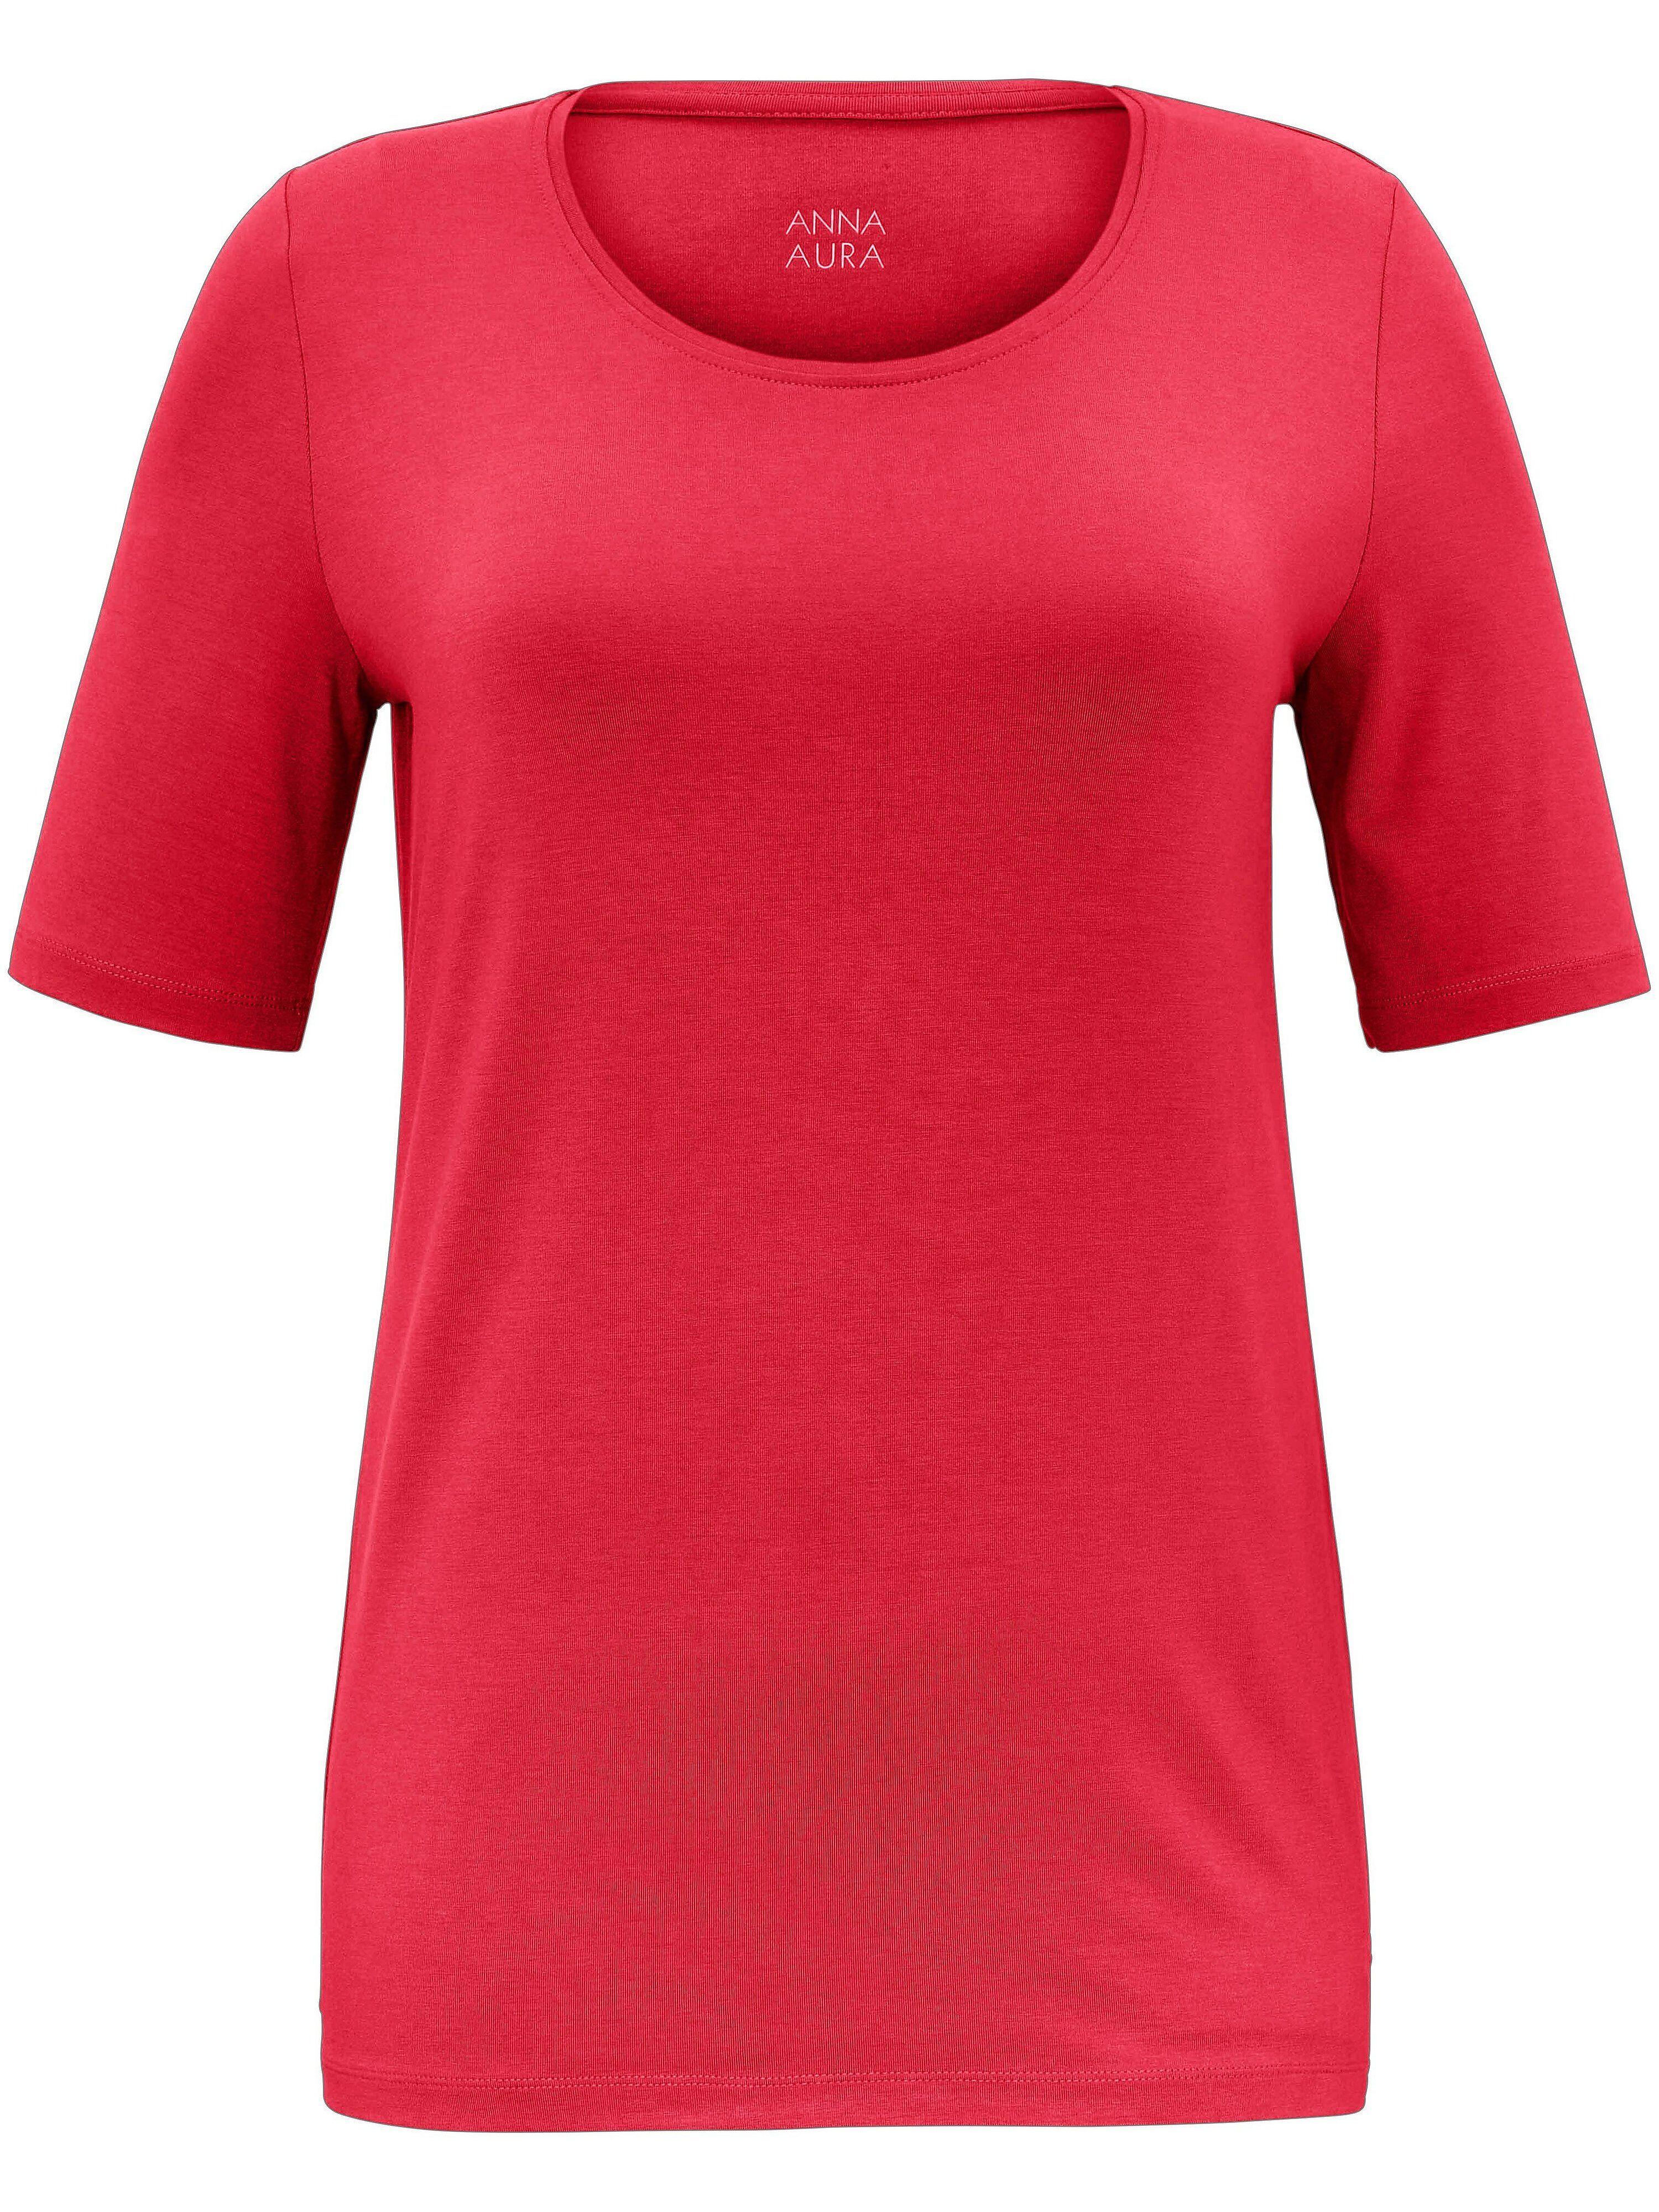 Anna Aura Le T-shirt facile d'entretien  Anna Aura rouge  - Femme - 50